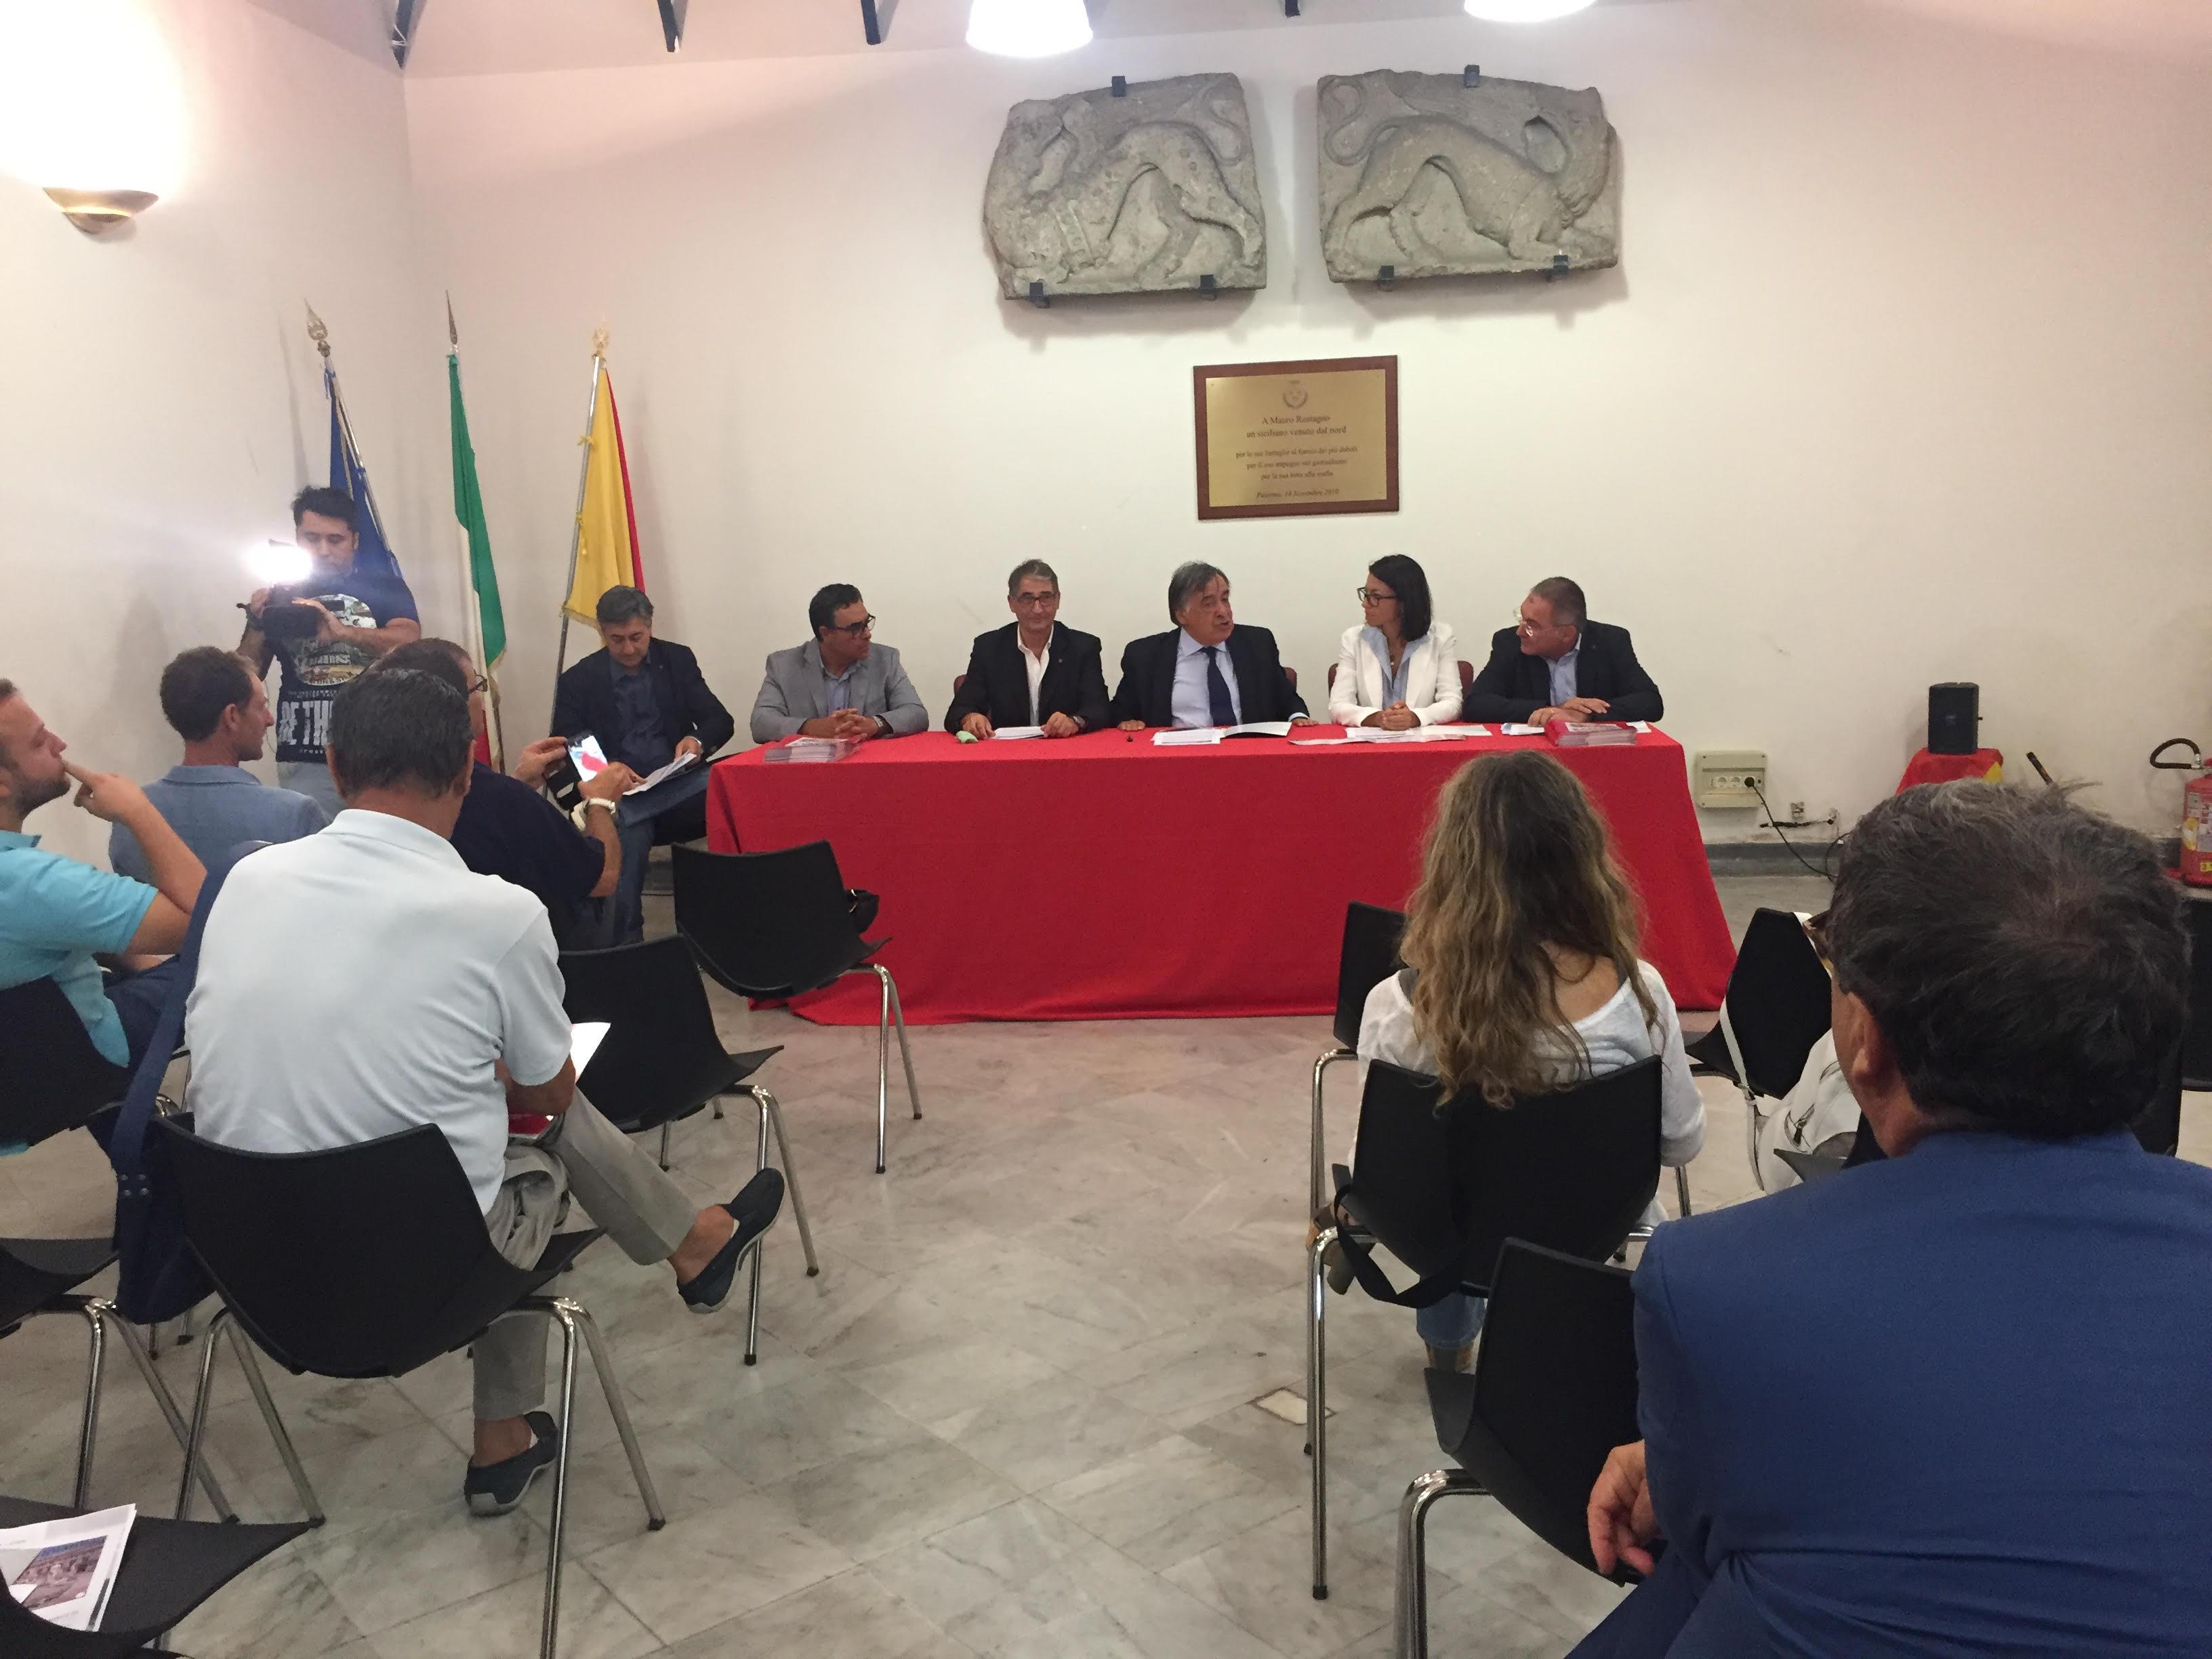 #EffePiù Il Lavoro In Piazza:  Oggi La Presentazione Delle Giornate Nazionali Dei Servizi Pubblici Al Comune Di Palermo